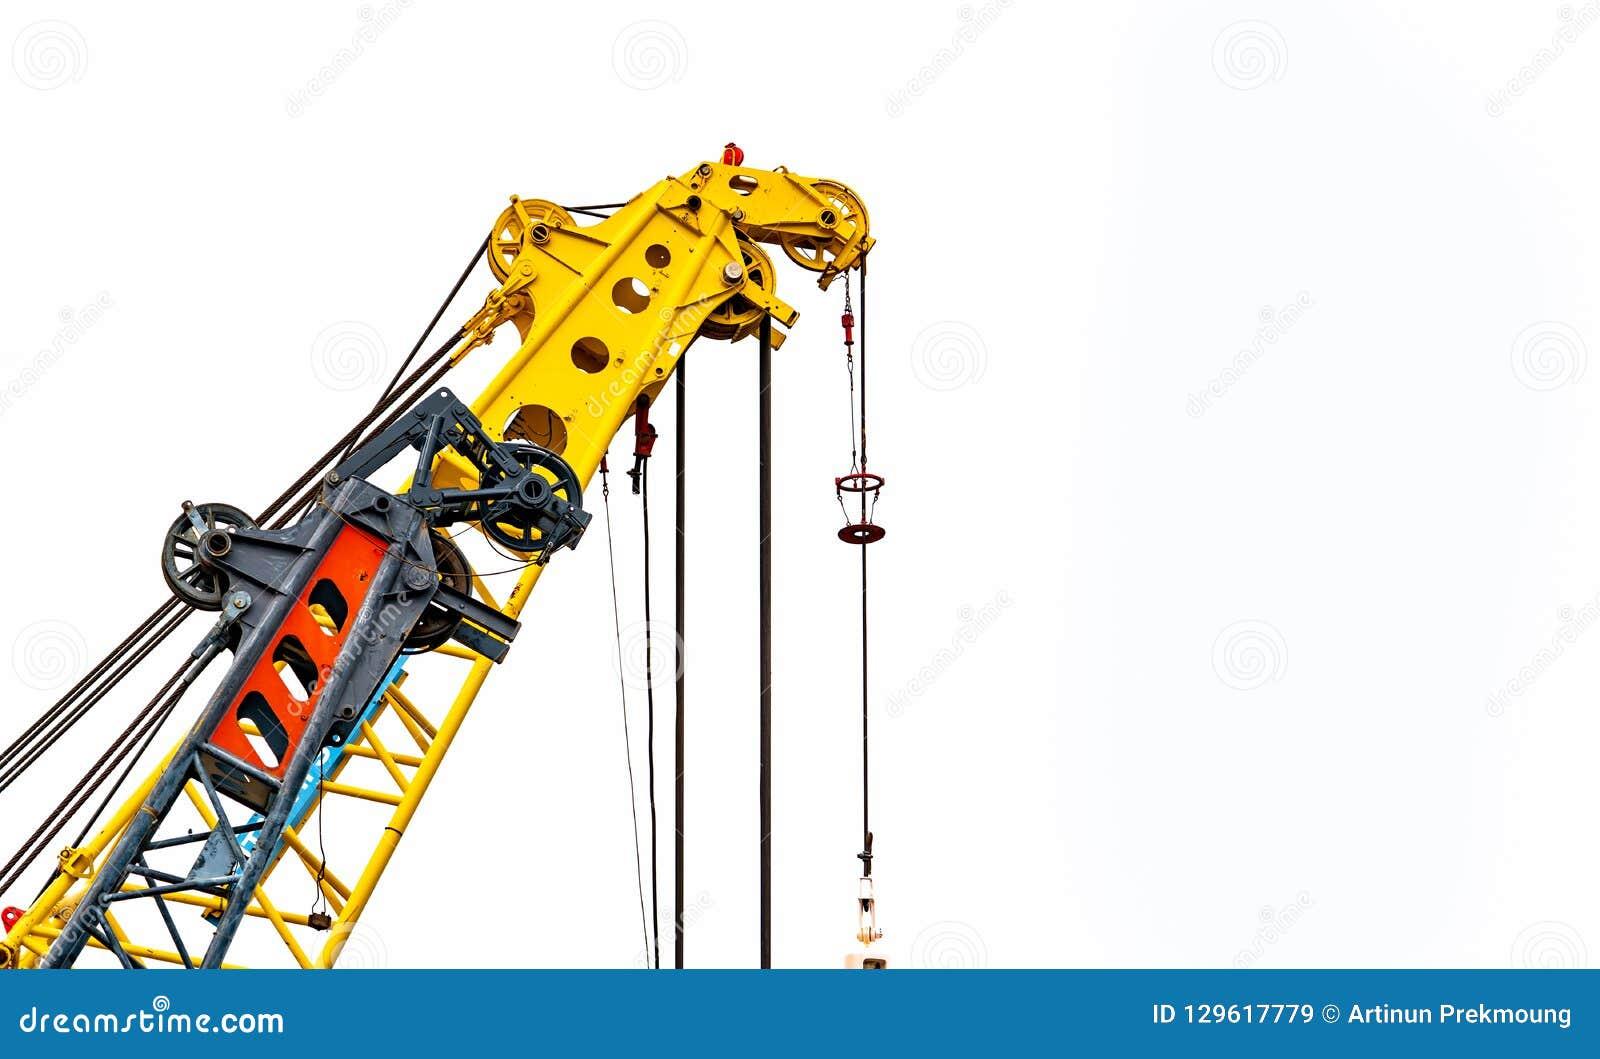 Stor gul konstruktionskran för tungt lyfta som isoleras på vit bakgrund Konstruktionsbransch kran för behållareelevator